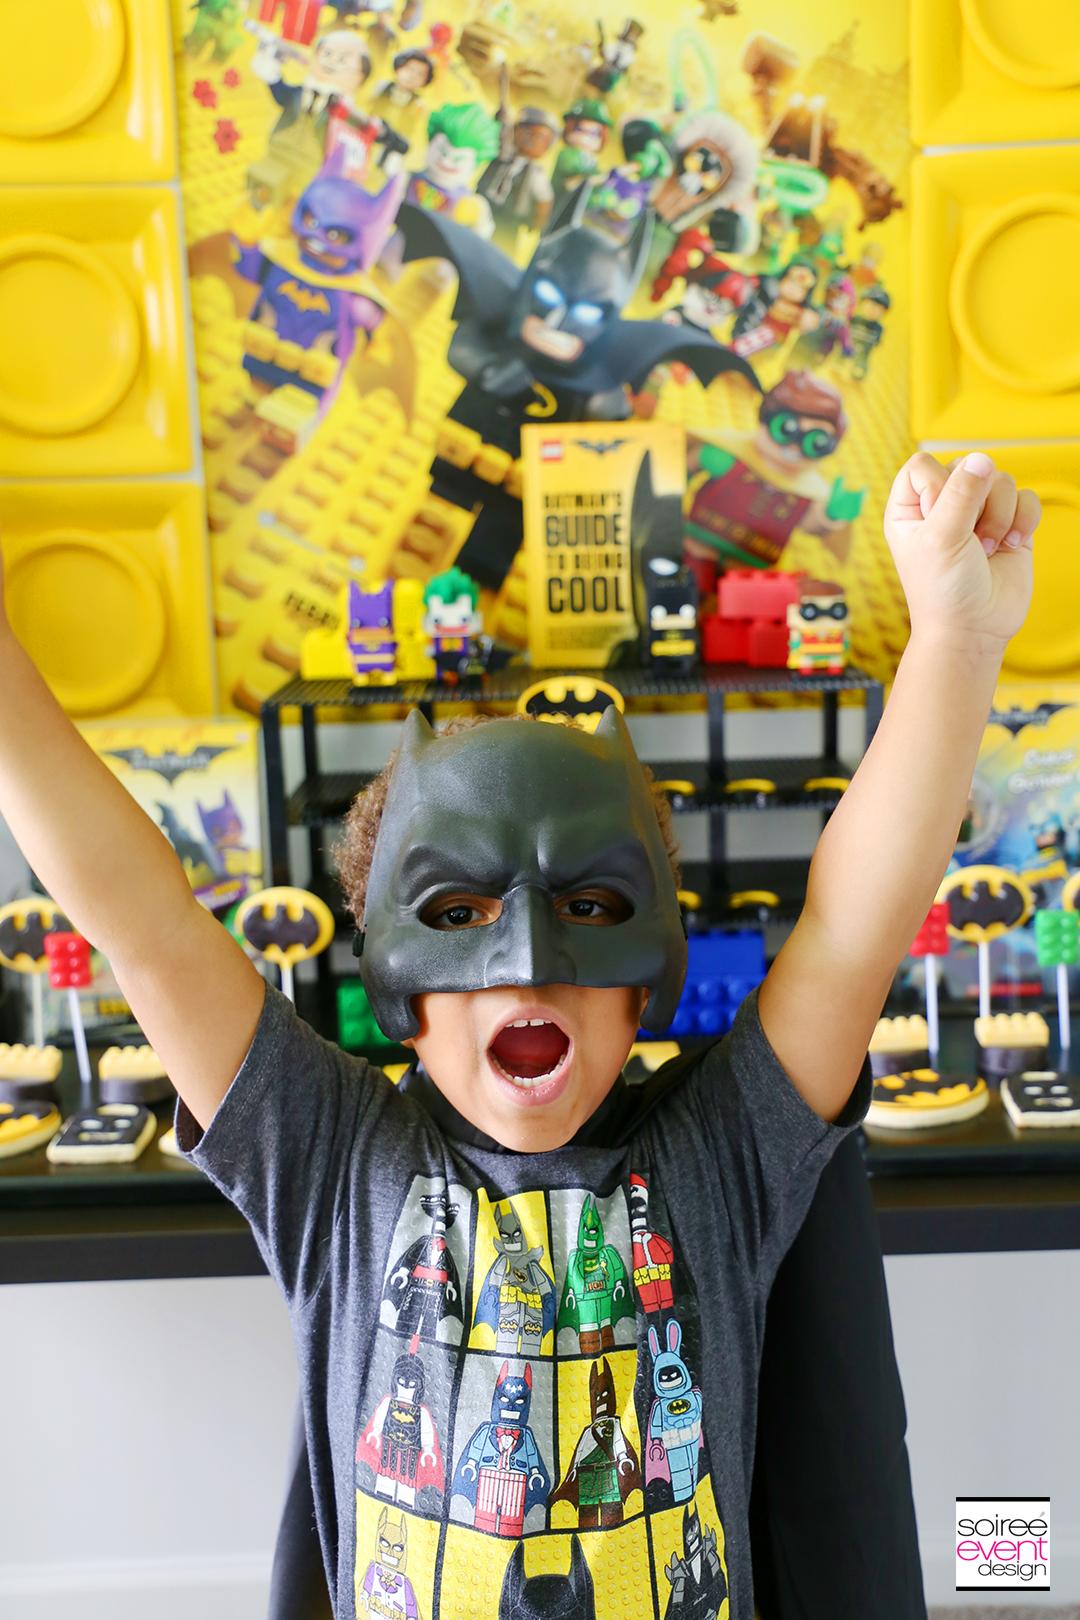 Lego Batman Party Ideas - Batman Mask